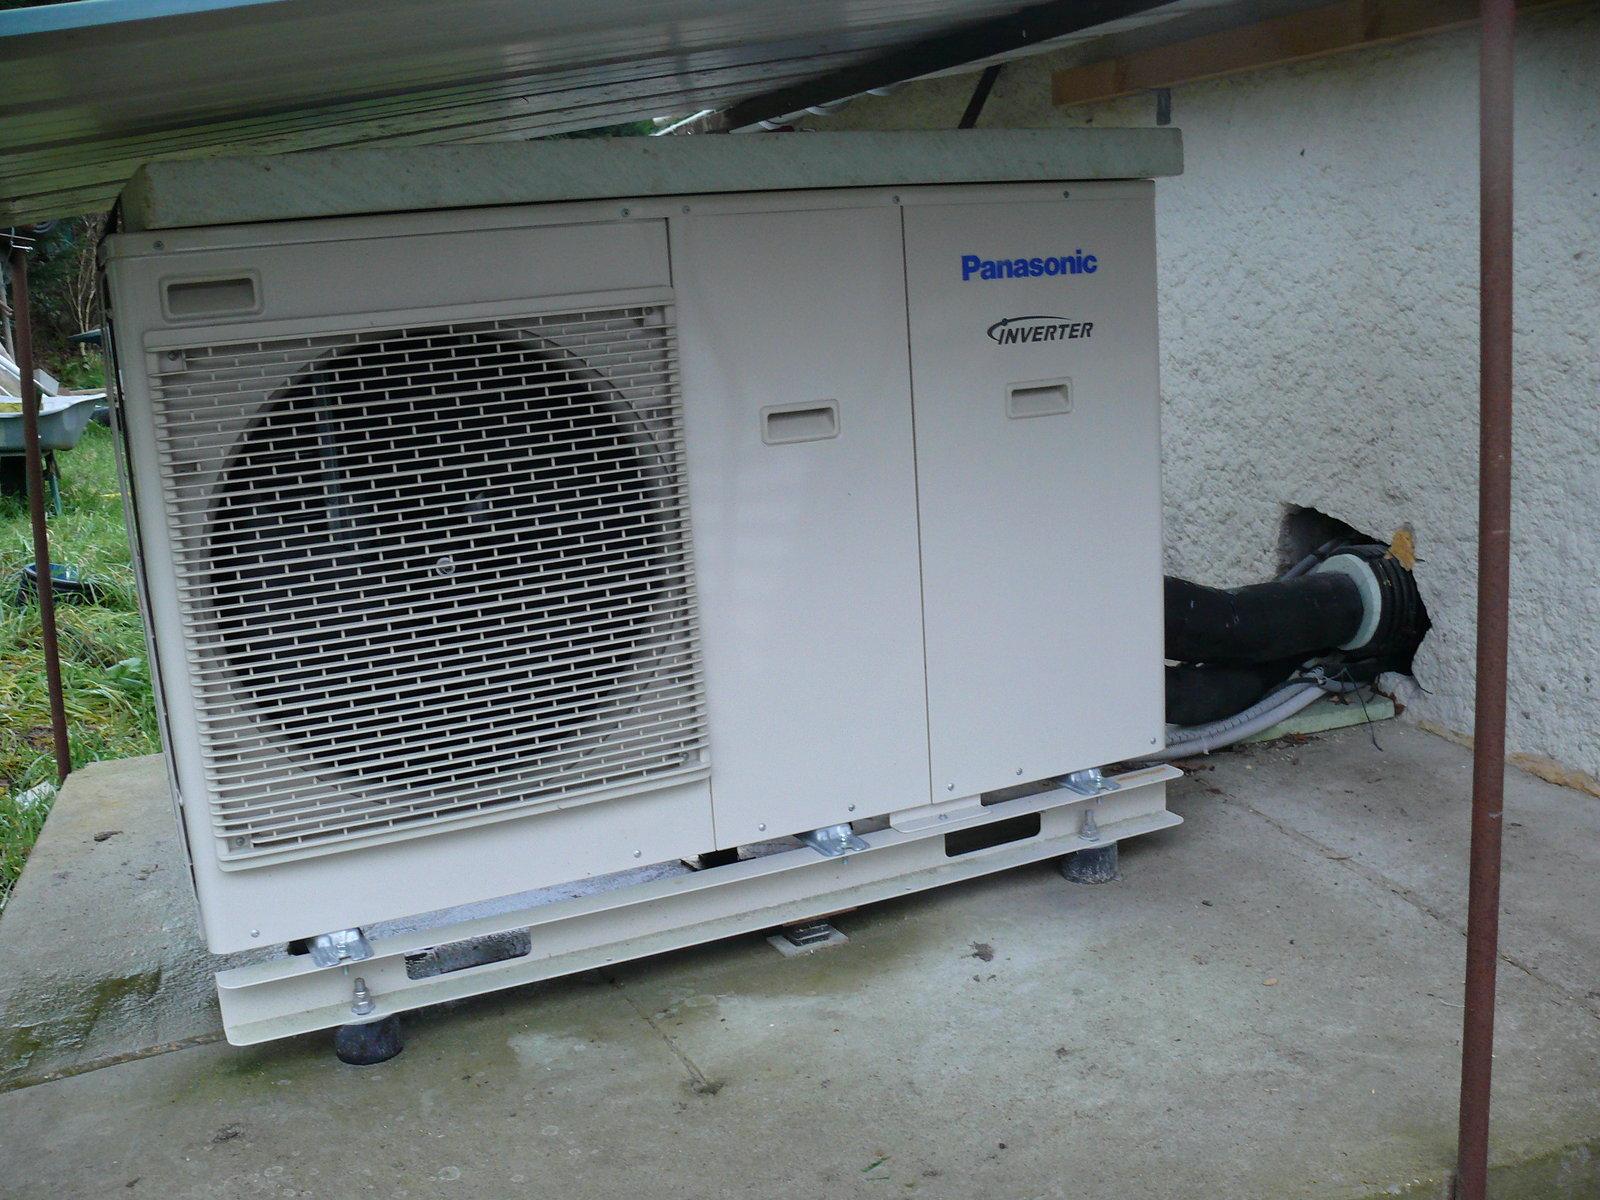 Cache Unité Extérieure Climatisation installation module extérieur [résolu] - 7 messages